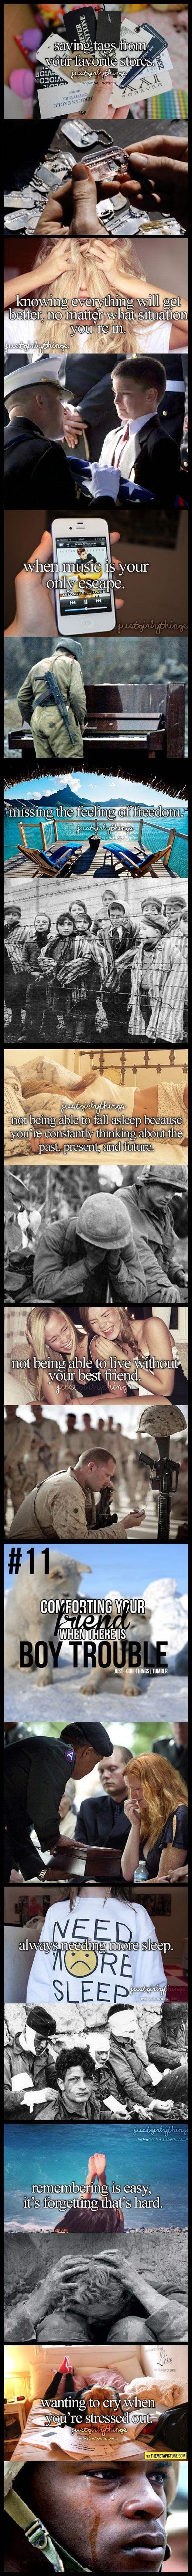 cute-girl-things-soldiers-war-friends